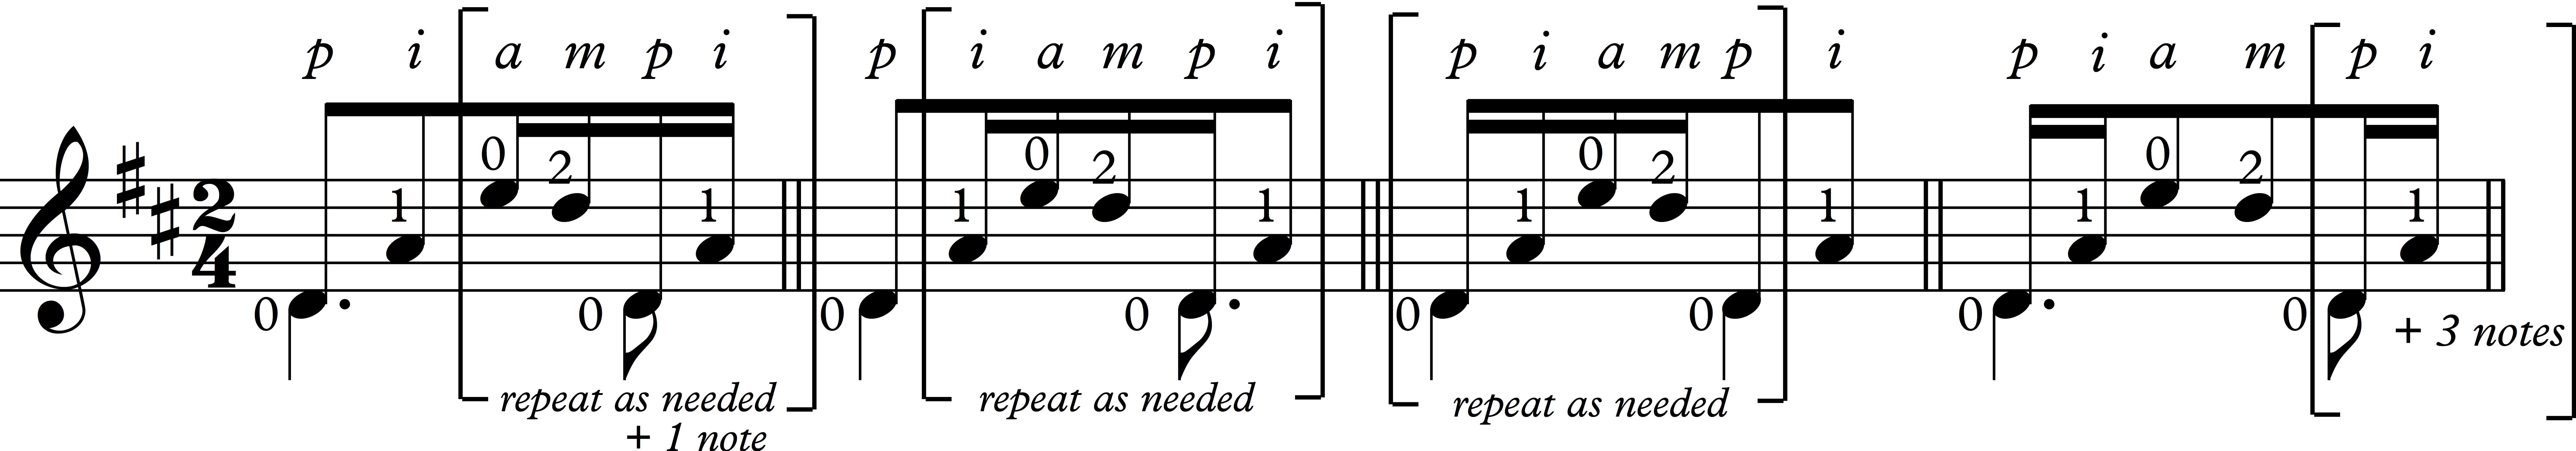 right hand barrios rhythms 5 vals.jpg